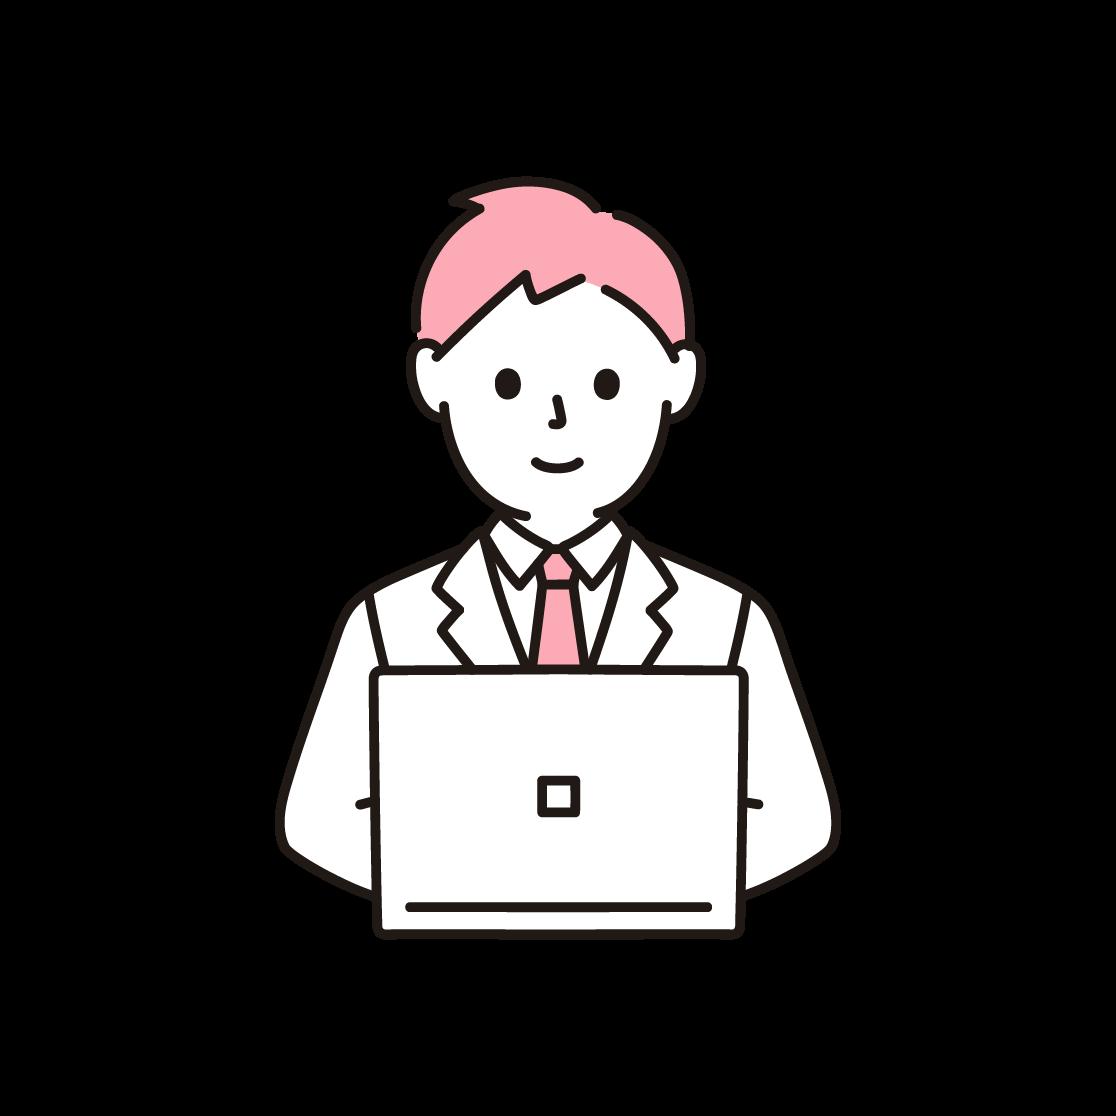 パソコンを打つビジネスマンの単色イラスト